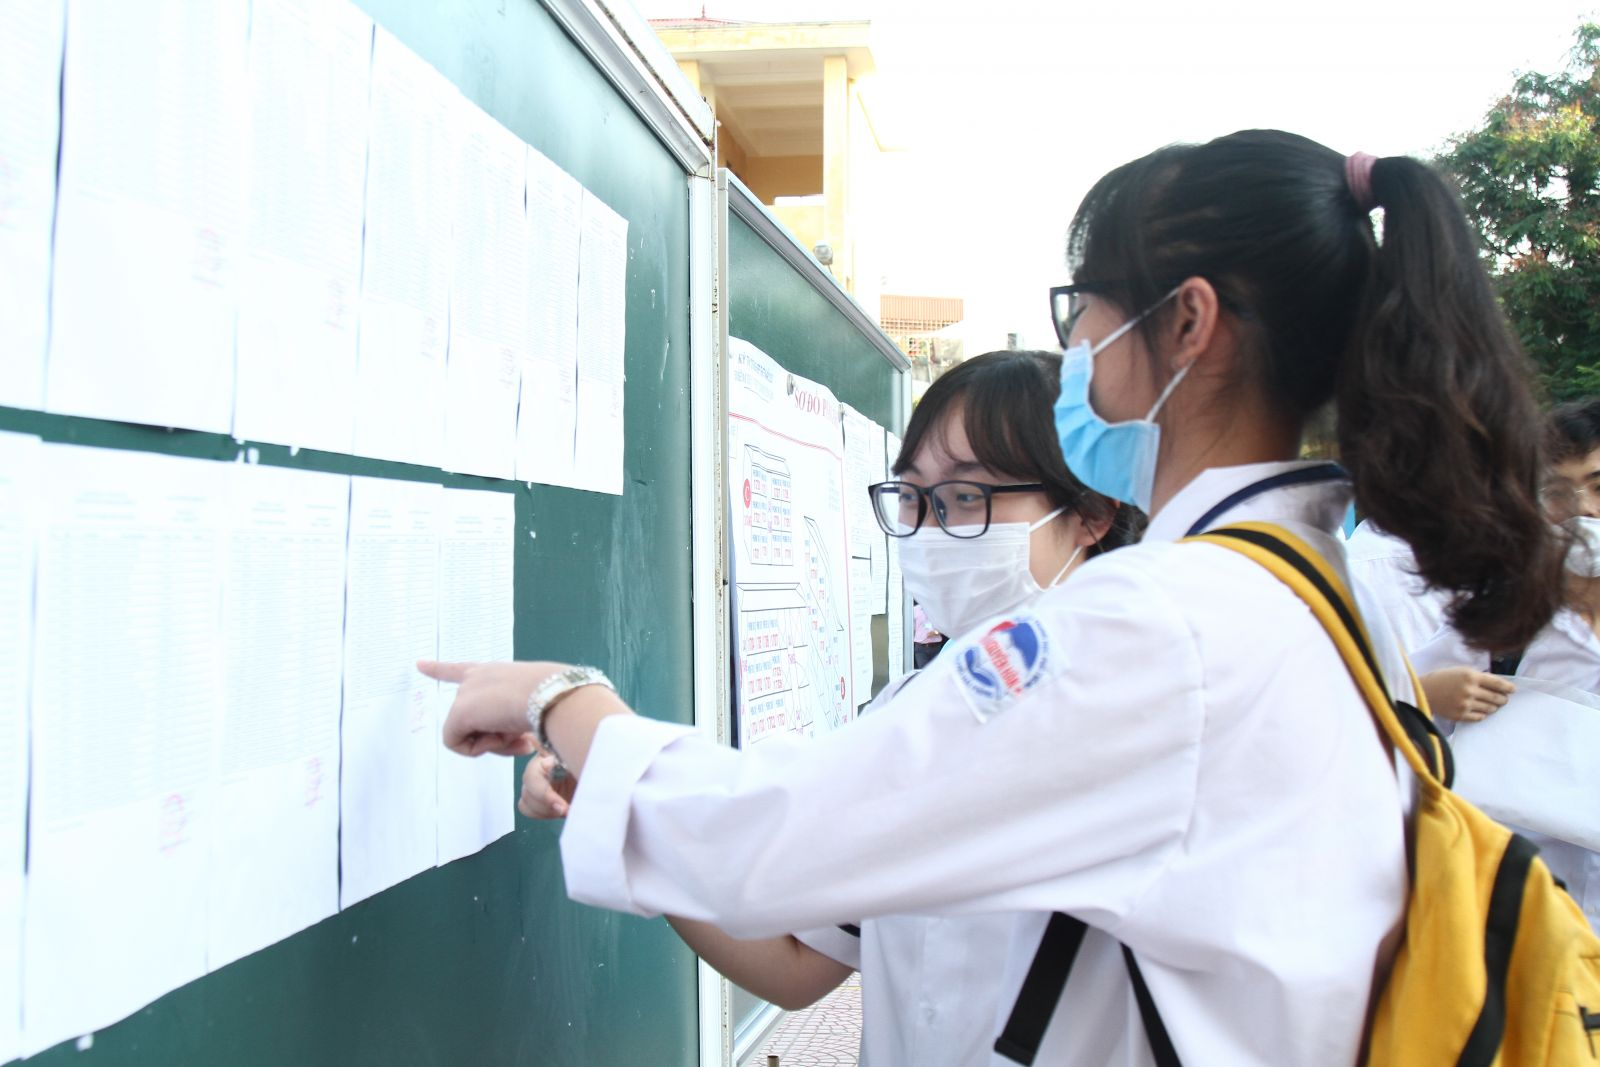 733 thí sinh đạt từ 27 điểm trở lên trong Kỳ thi tốt nghiệp đợt 1